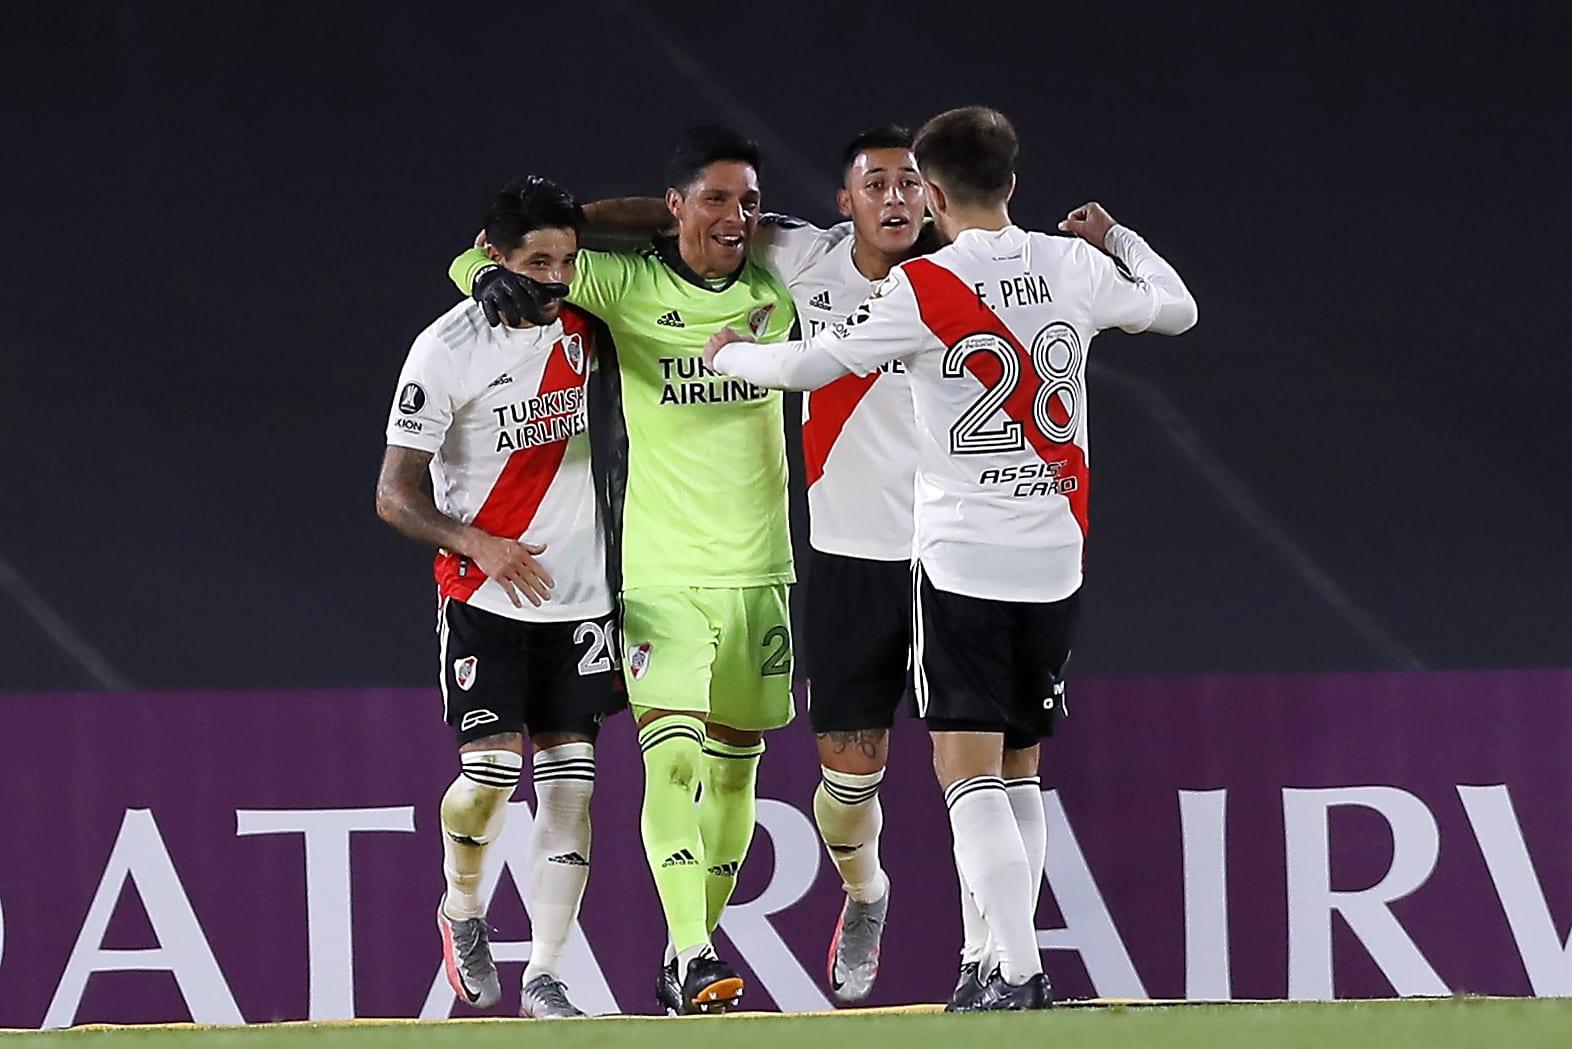 ¡River tuvo su noche épica! Con Enzo Pérez al arco, venció a Independiente Santa Fe y llegó a la cima del Grupo D